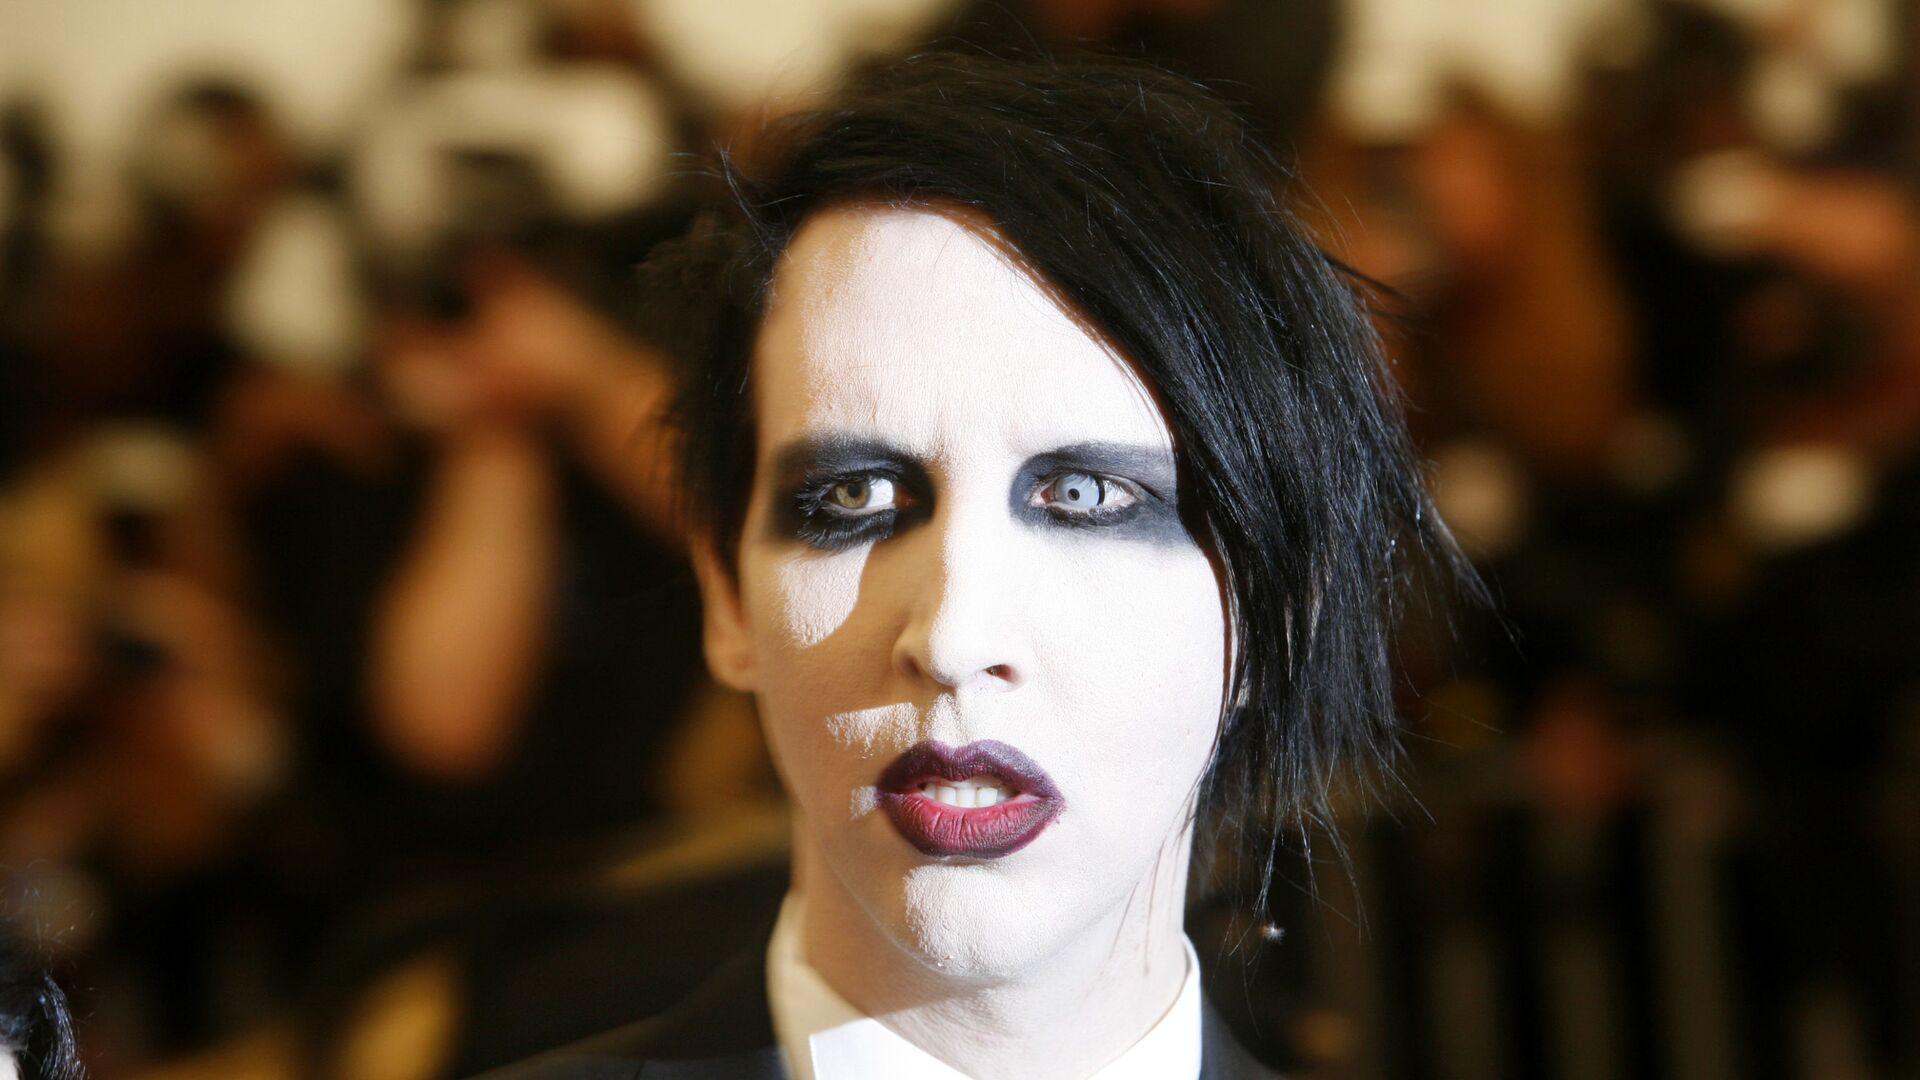 Marilyn Manson, pseudonimo di Brian Hugh Warner, un cantautore, produttore discografico, attore e pittore statunitense - Sputnik Italia, 1920, 26.05.2021